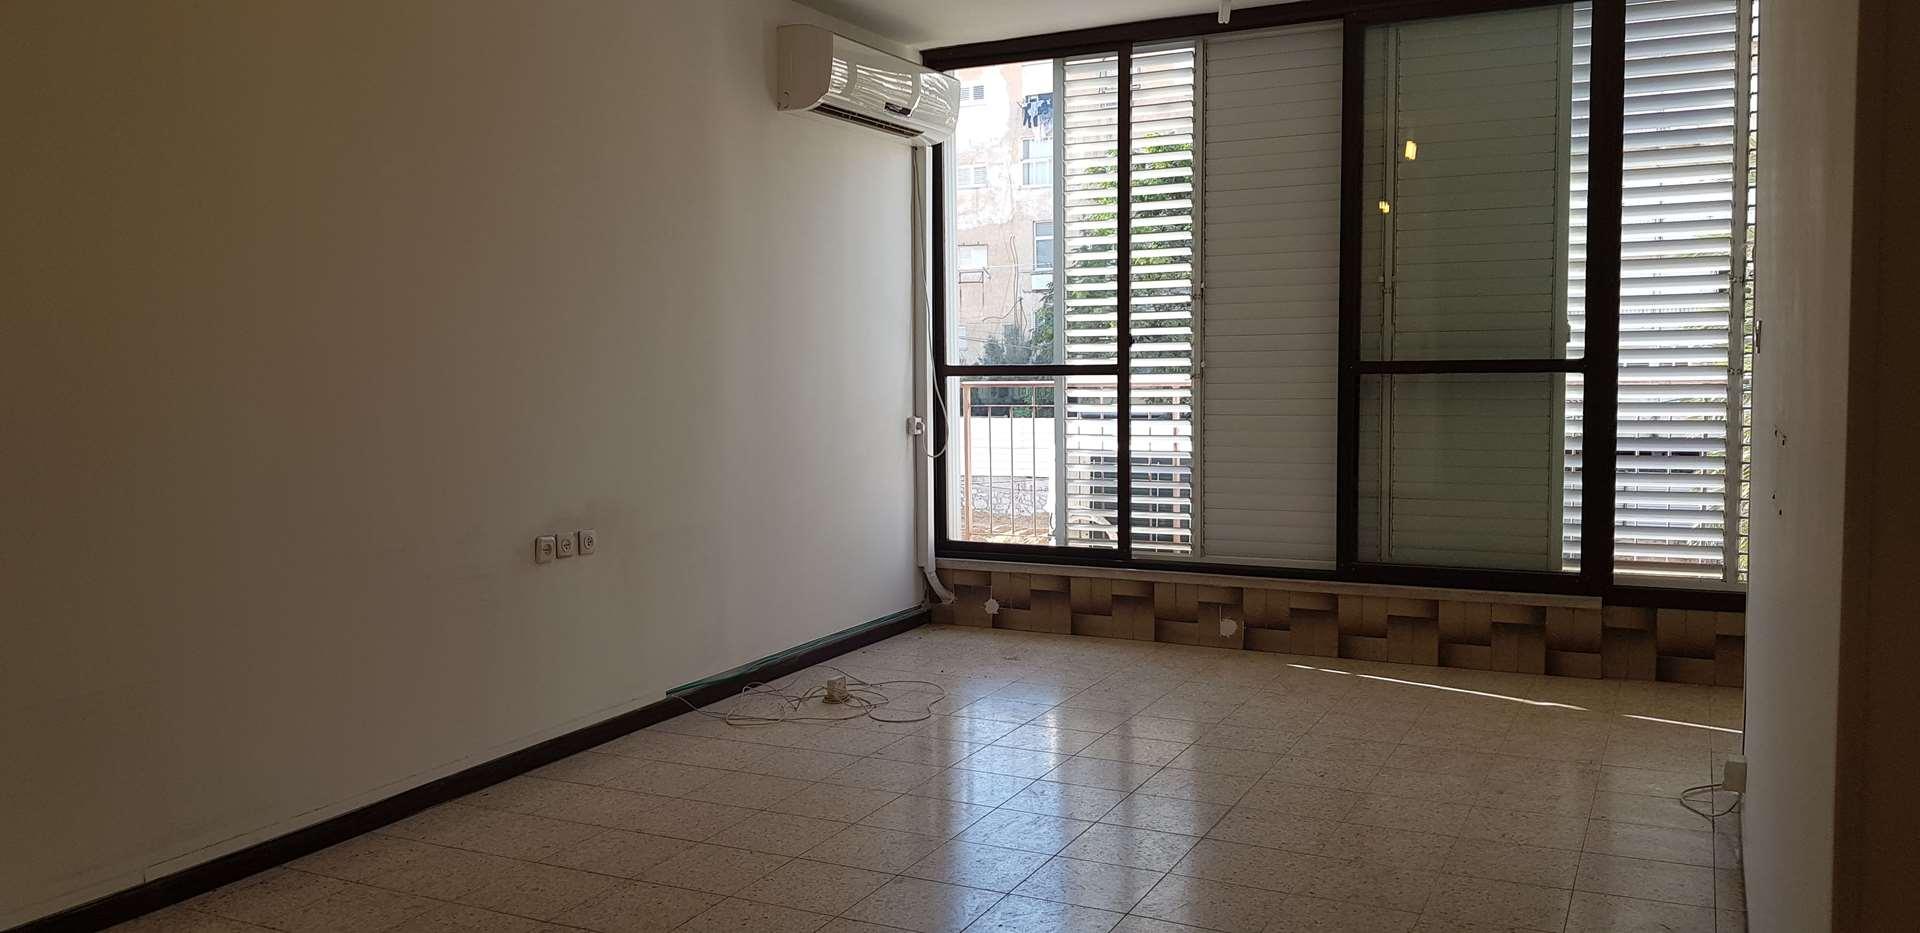 דירה, 3 חדרים, רחל, גבעתיים